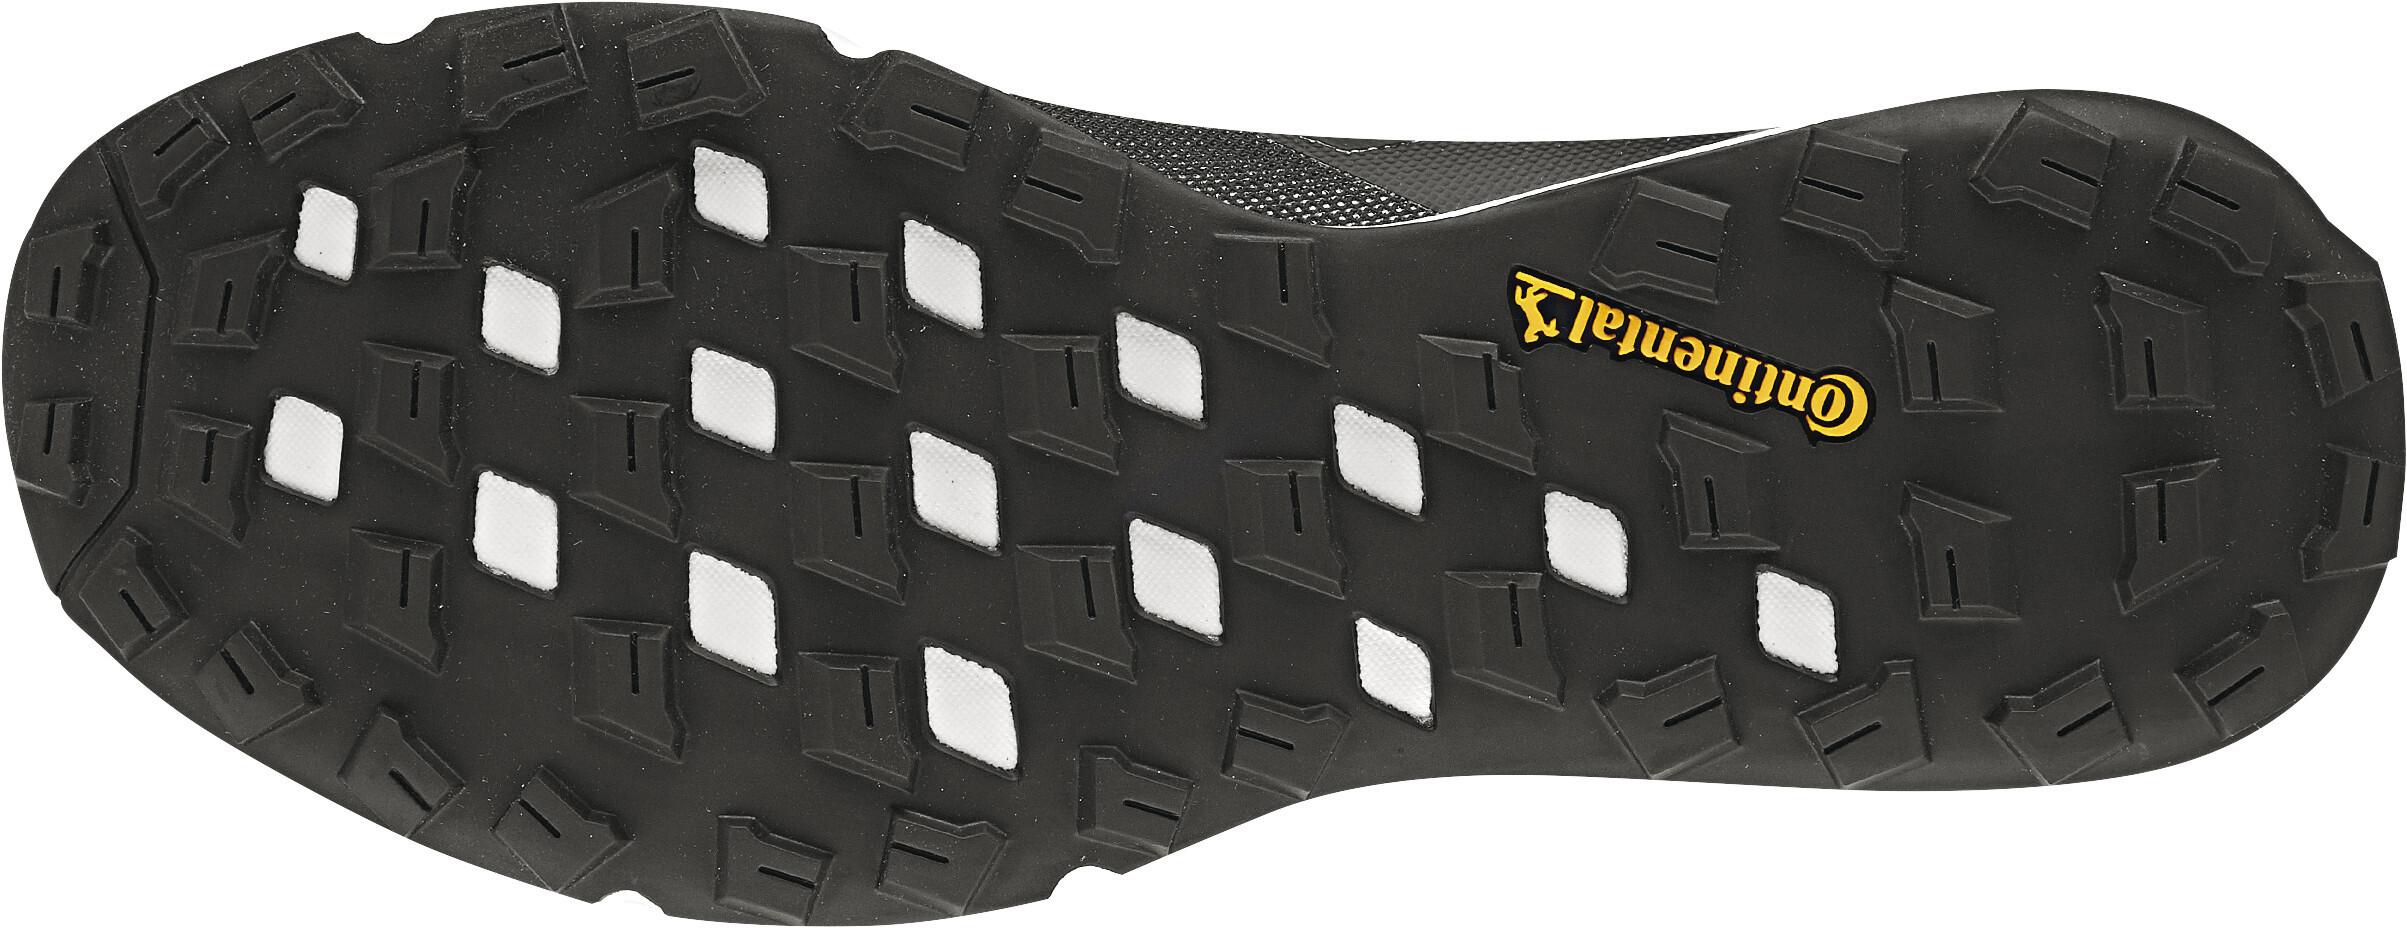 separation shoes 073b6 13da5 adidas TERREX Two Boa - Zapatillas running Hombre - blanco negro